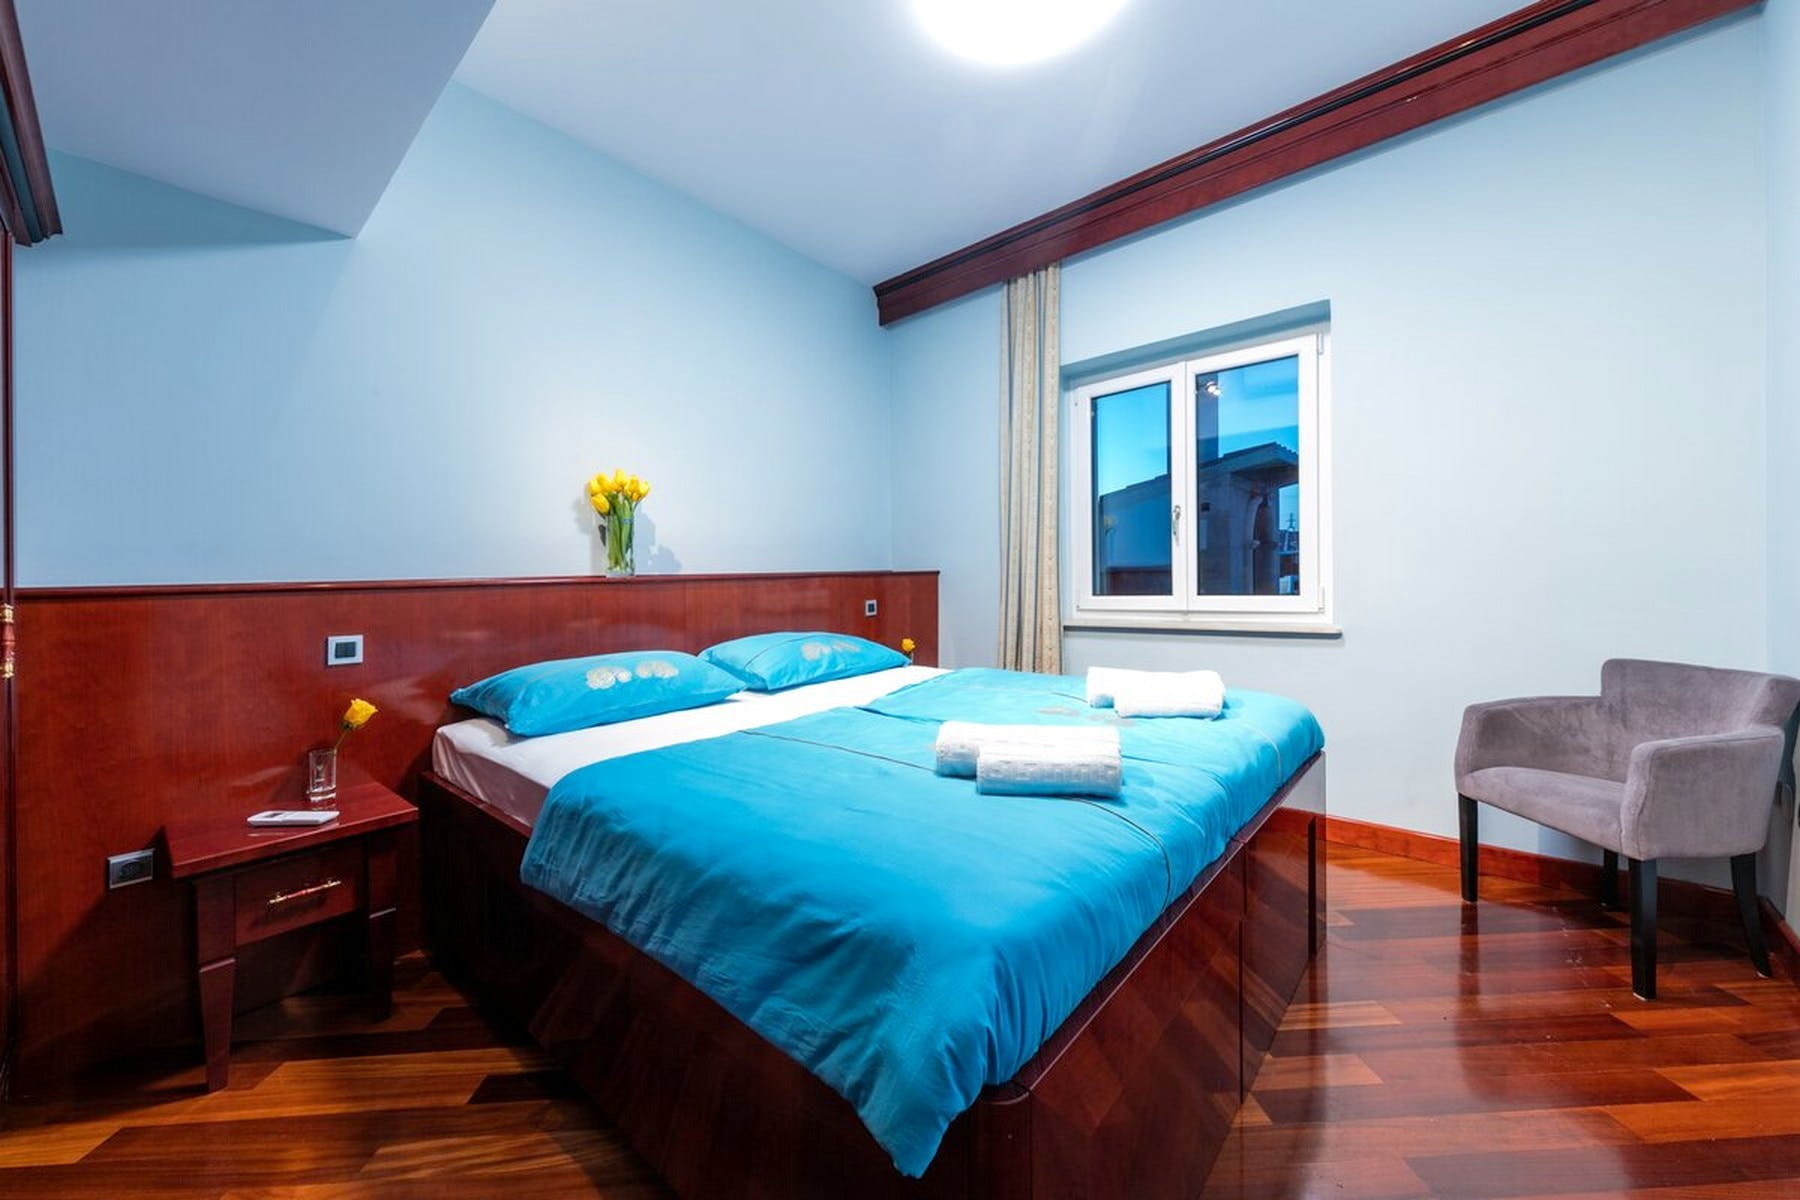 Dvokrevetna soba s velikim krevetom